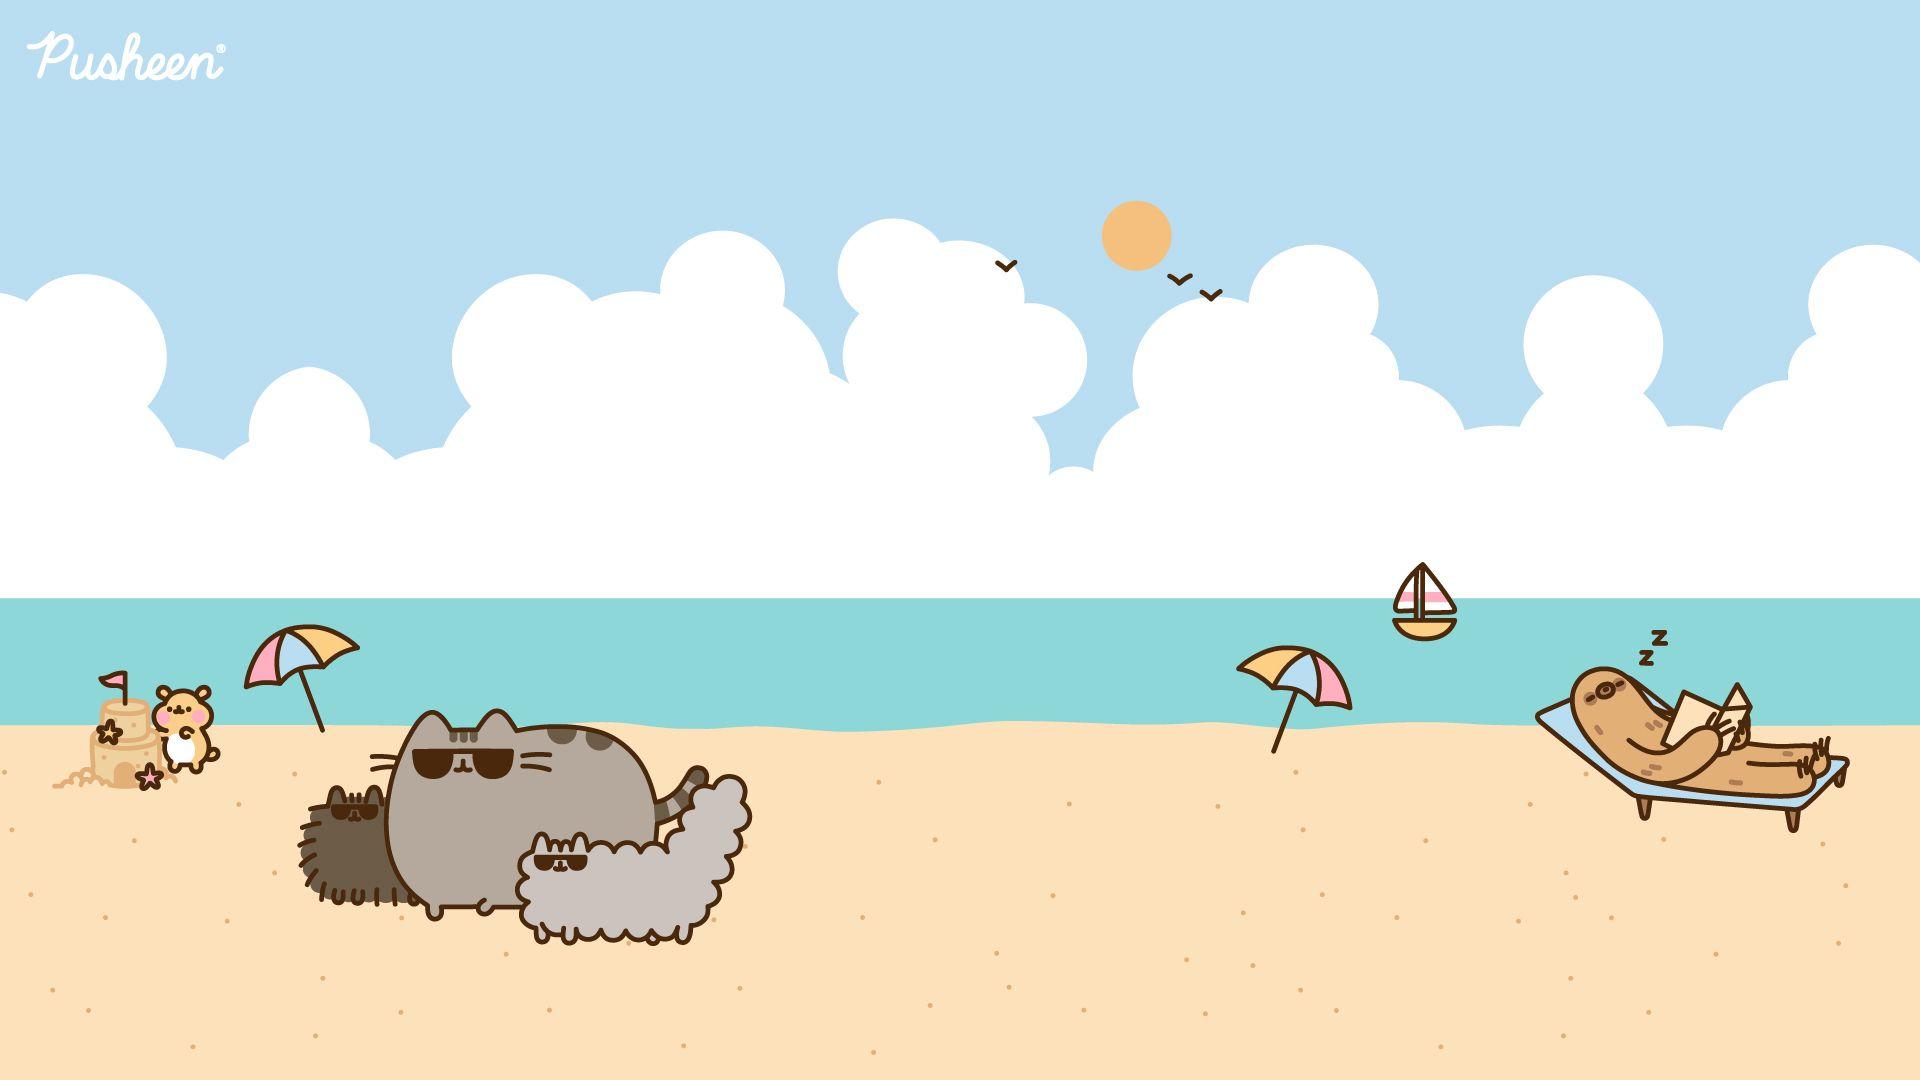 Pusheen Zoom Backgrounds Pusheen In 2021 Pusheen Cute Cute Desktop Wallpaper Pusheen